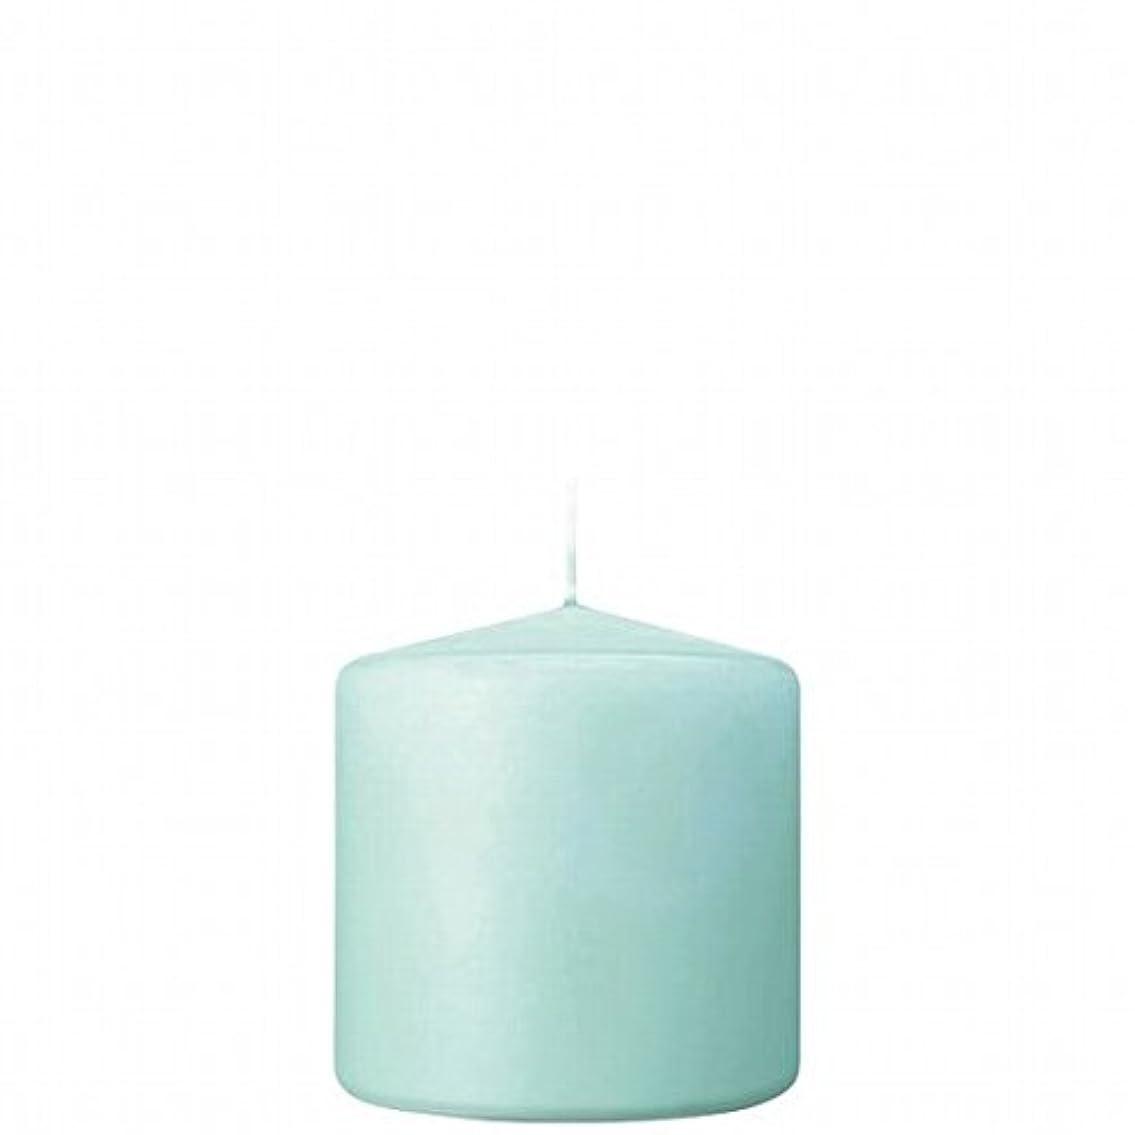 有益シェフおびえたkameyama candle(カメヤマキャンドル) 3×3ベルトップピラーキャンドル 「 ライトブルー 」(A9730000LB)